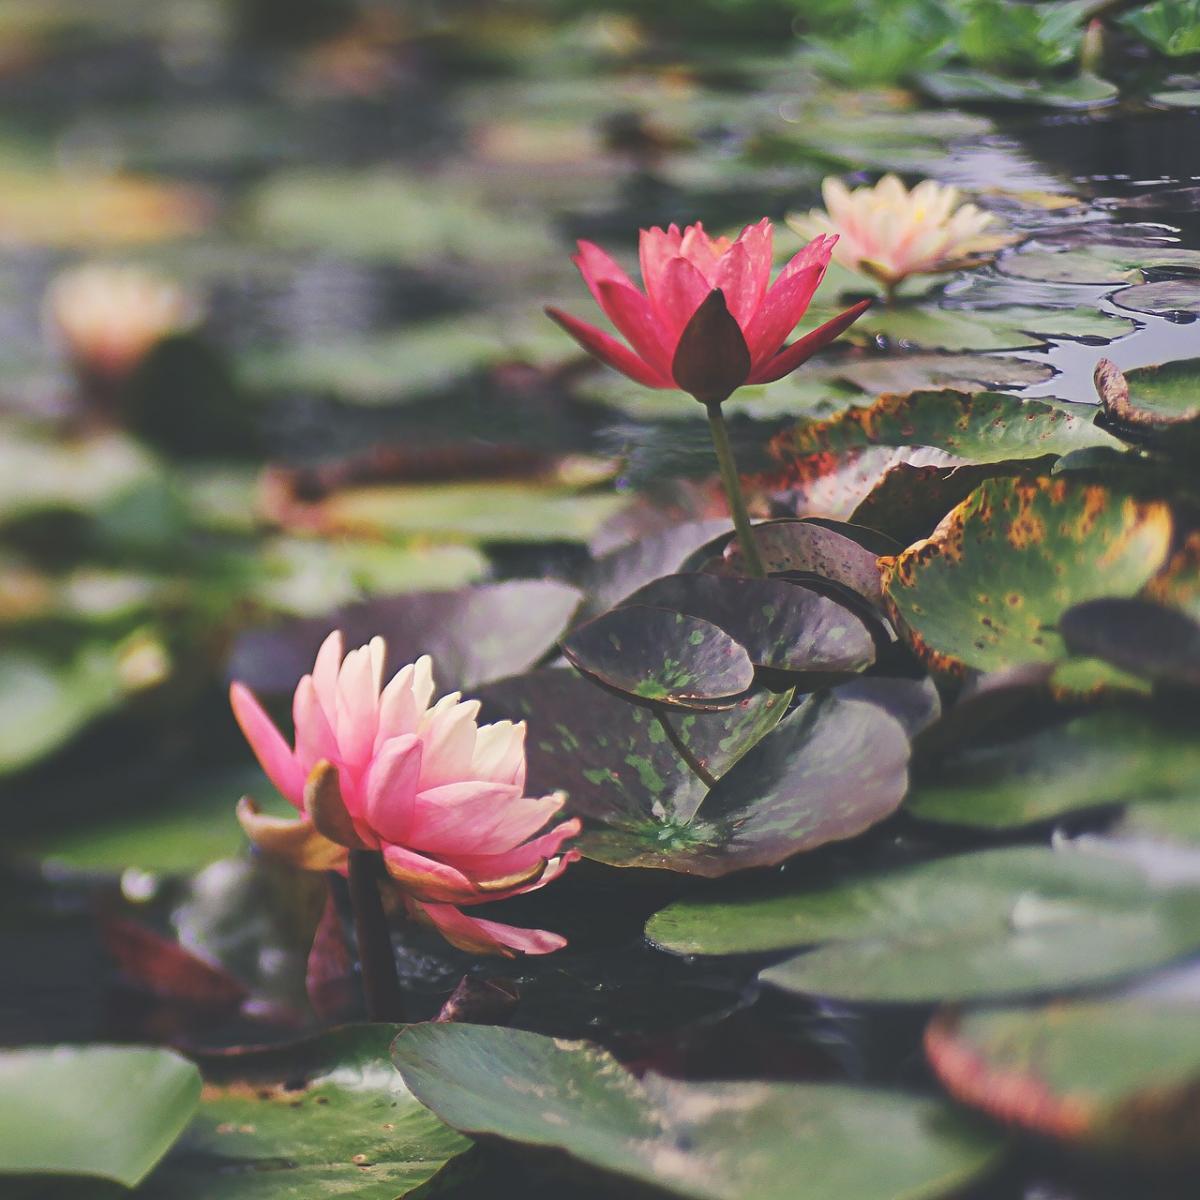 Mùa hạ Hà Nội cũng nên thơ và trữ tình lắm